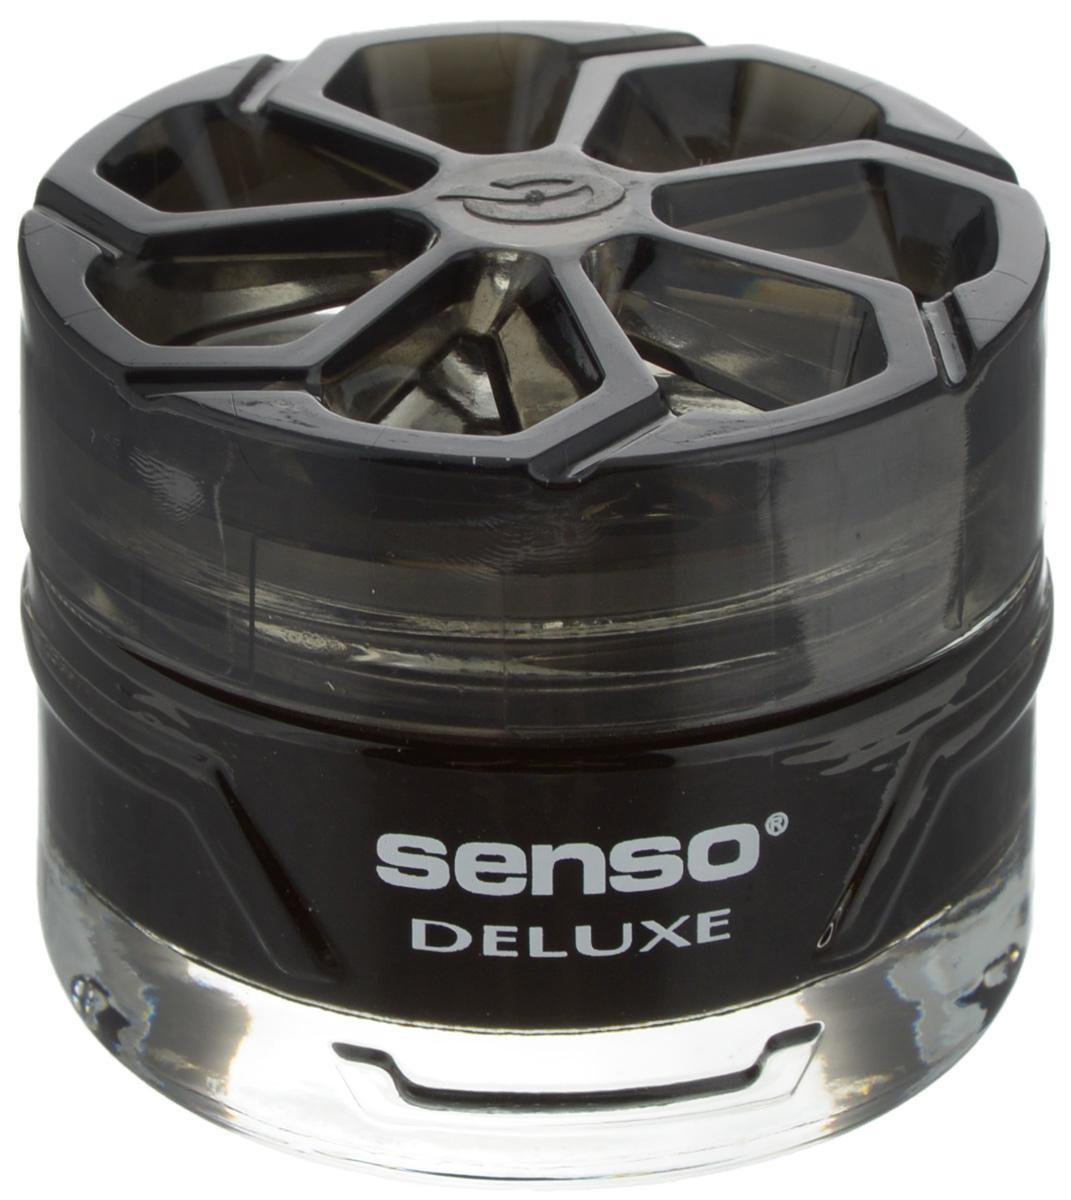 Ароматизатор автомобильный Dr.Marcus Senso Deluxe. Black, гелевый, 50 мл37016Ароматизатор автомобильный Dr.Marcus Senso Deluxe. Black эффективно устраняет неприятные запахи и придает легкий приятный аромат. Сочетание формулы геля с парфюмами наилучшего качества обеспечивает устойчивый запах. Кроме того, ароматизатор обладает элегантным дизайном, поэтому будет гармонично смотреться в салоне любого автомобиля. Благодаря удобной конструкции, его можно установить в любое место, например, на панель, под сиденье или в двери. Чтобы закрепить ароматизатор, необходимо использовать вложенный пластырь. Рекомендуется наклеивать пластырь на чистую поверхность. Ароматизатор имеет продолжительный срок службы - до 75 дней. Его можно использовать не только в автомобиле, но и в домашних условиях.